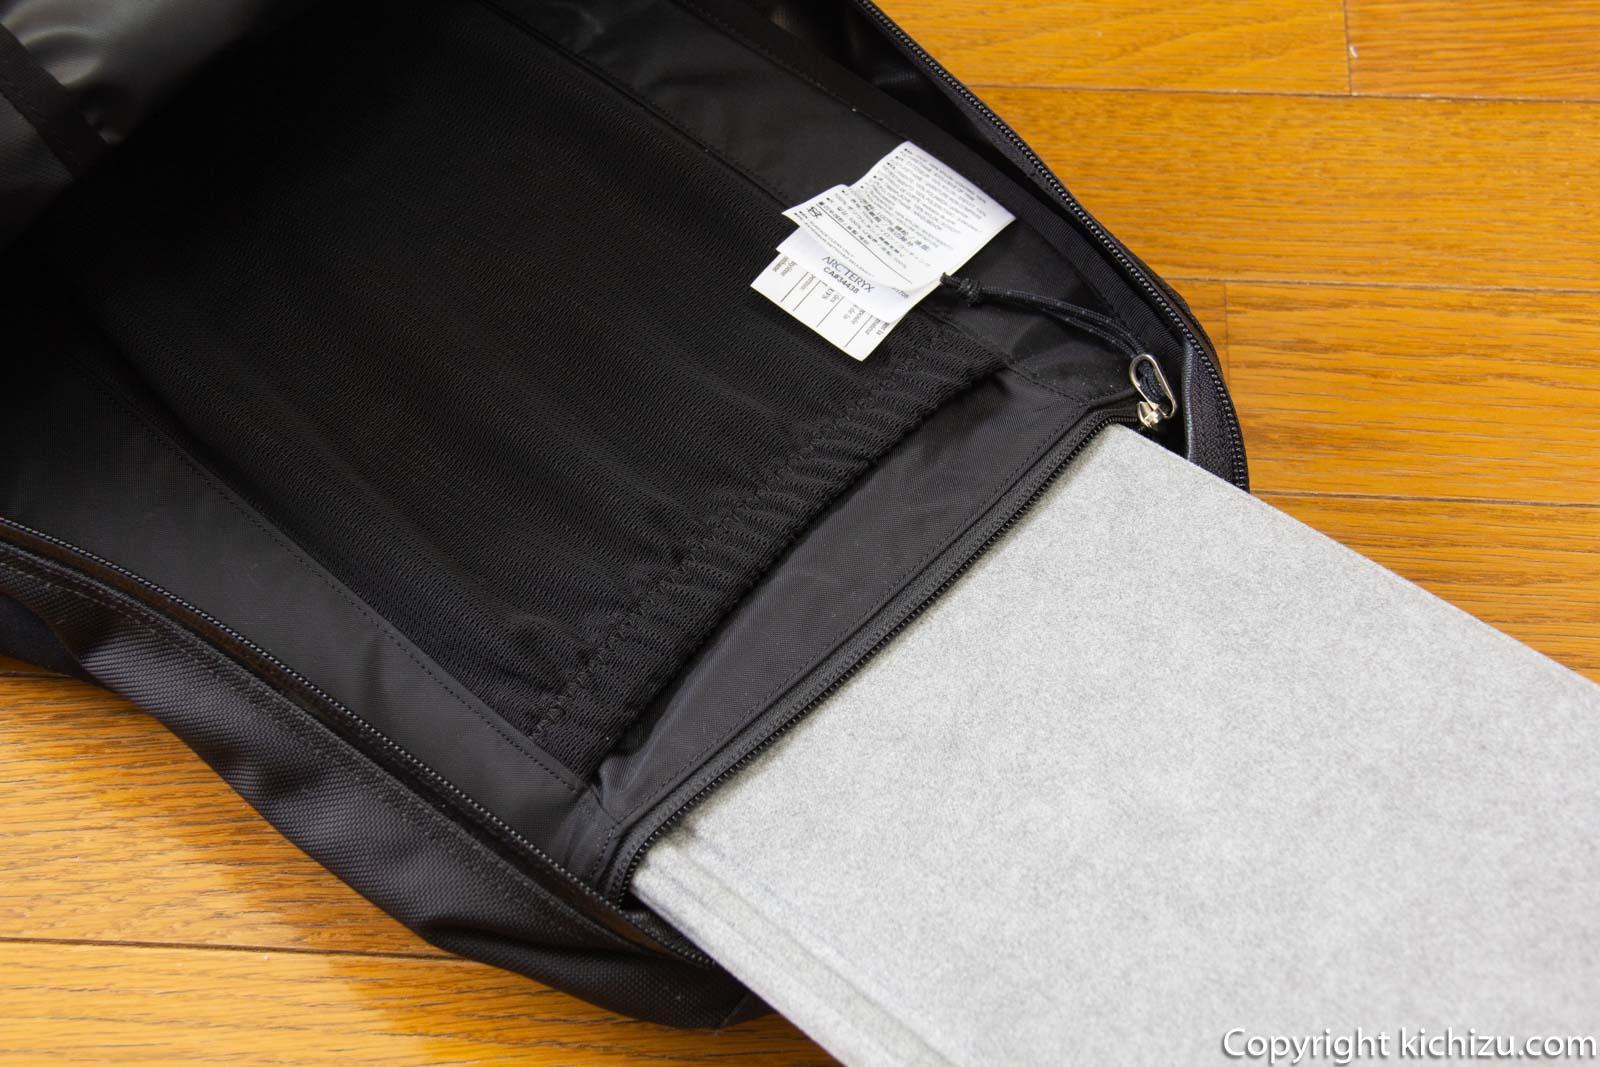 リュックの内ポケットにノートパソコンを縦に入れる